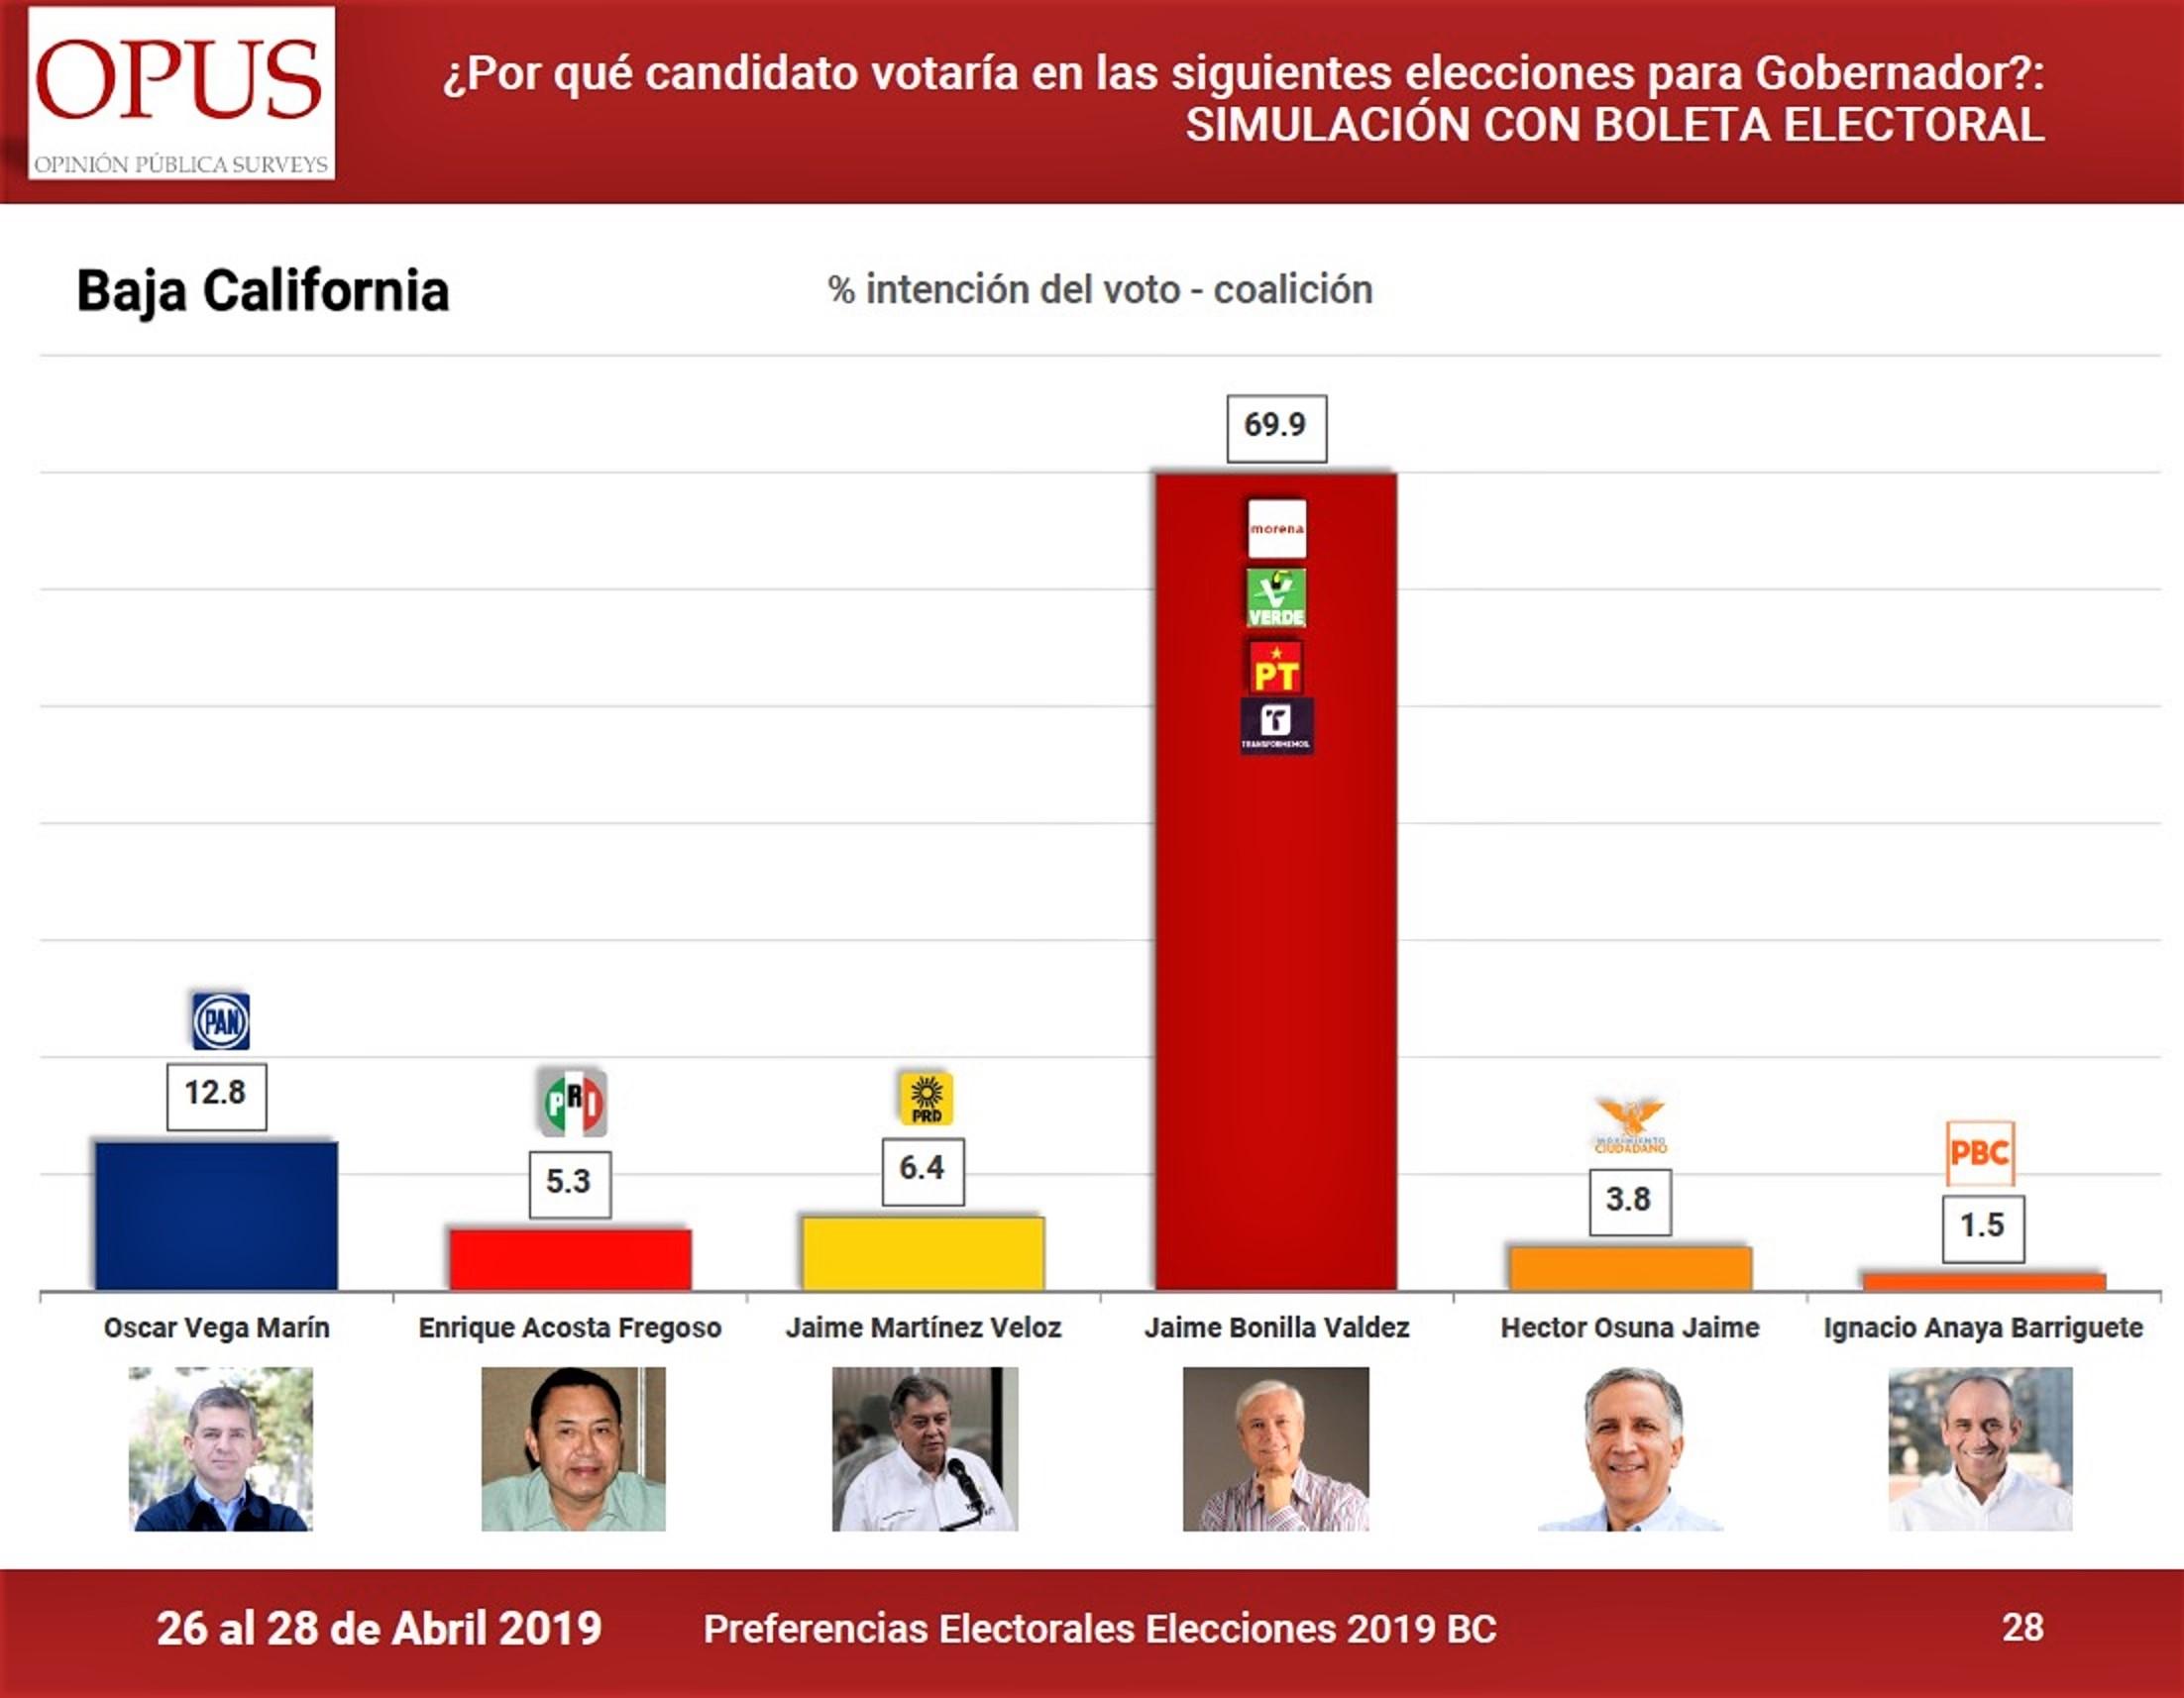 OPUS Preferencias electorales, abril2019-05-01 at 1.25.25 PM